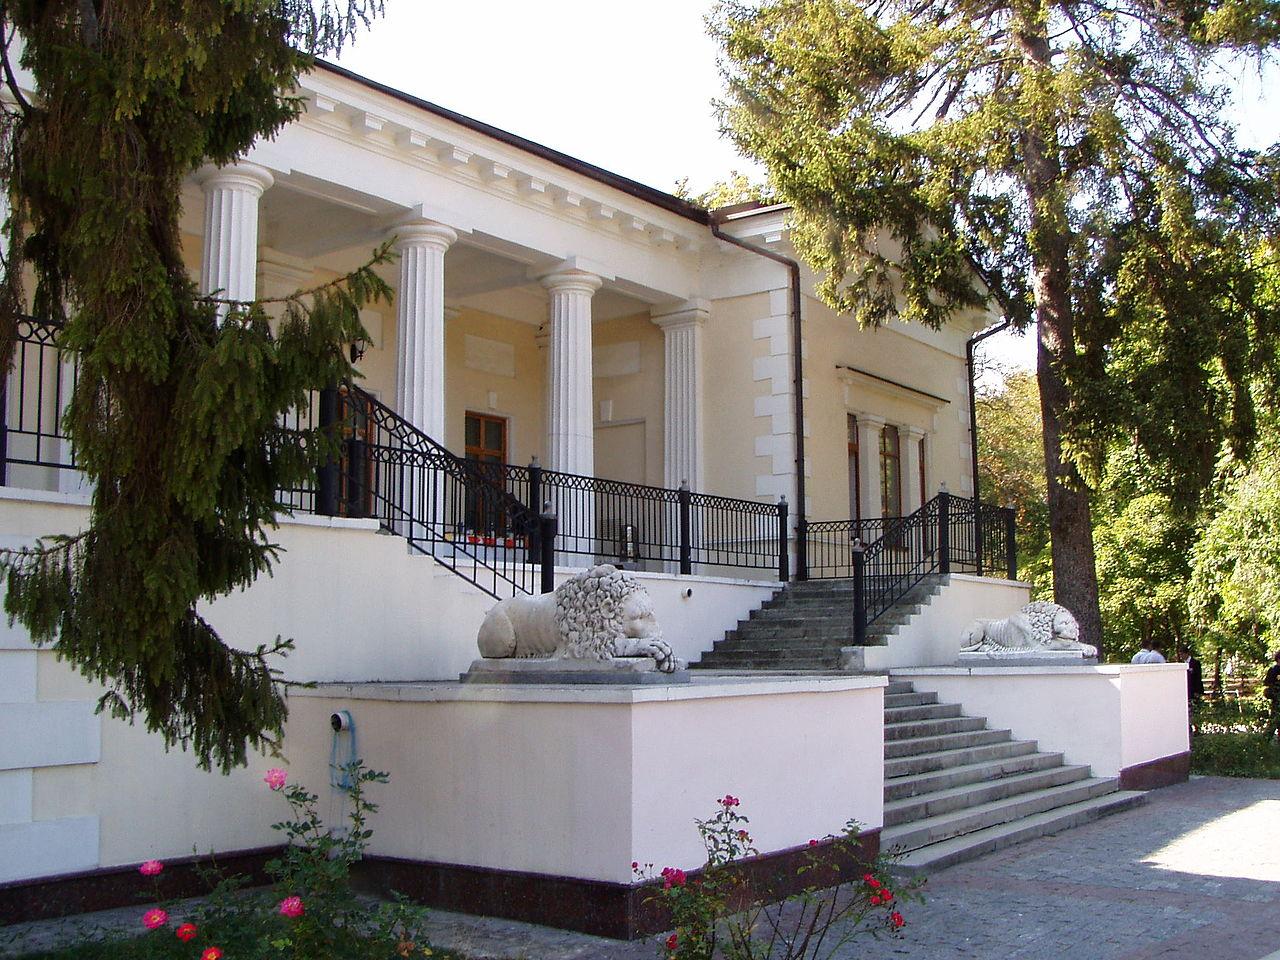 Воронцовский дом в парке Салгирка, лестница со львами